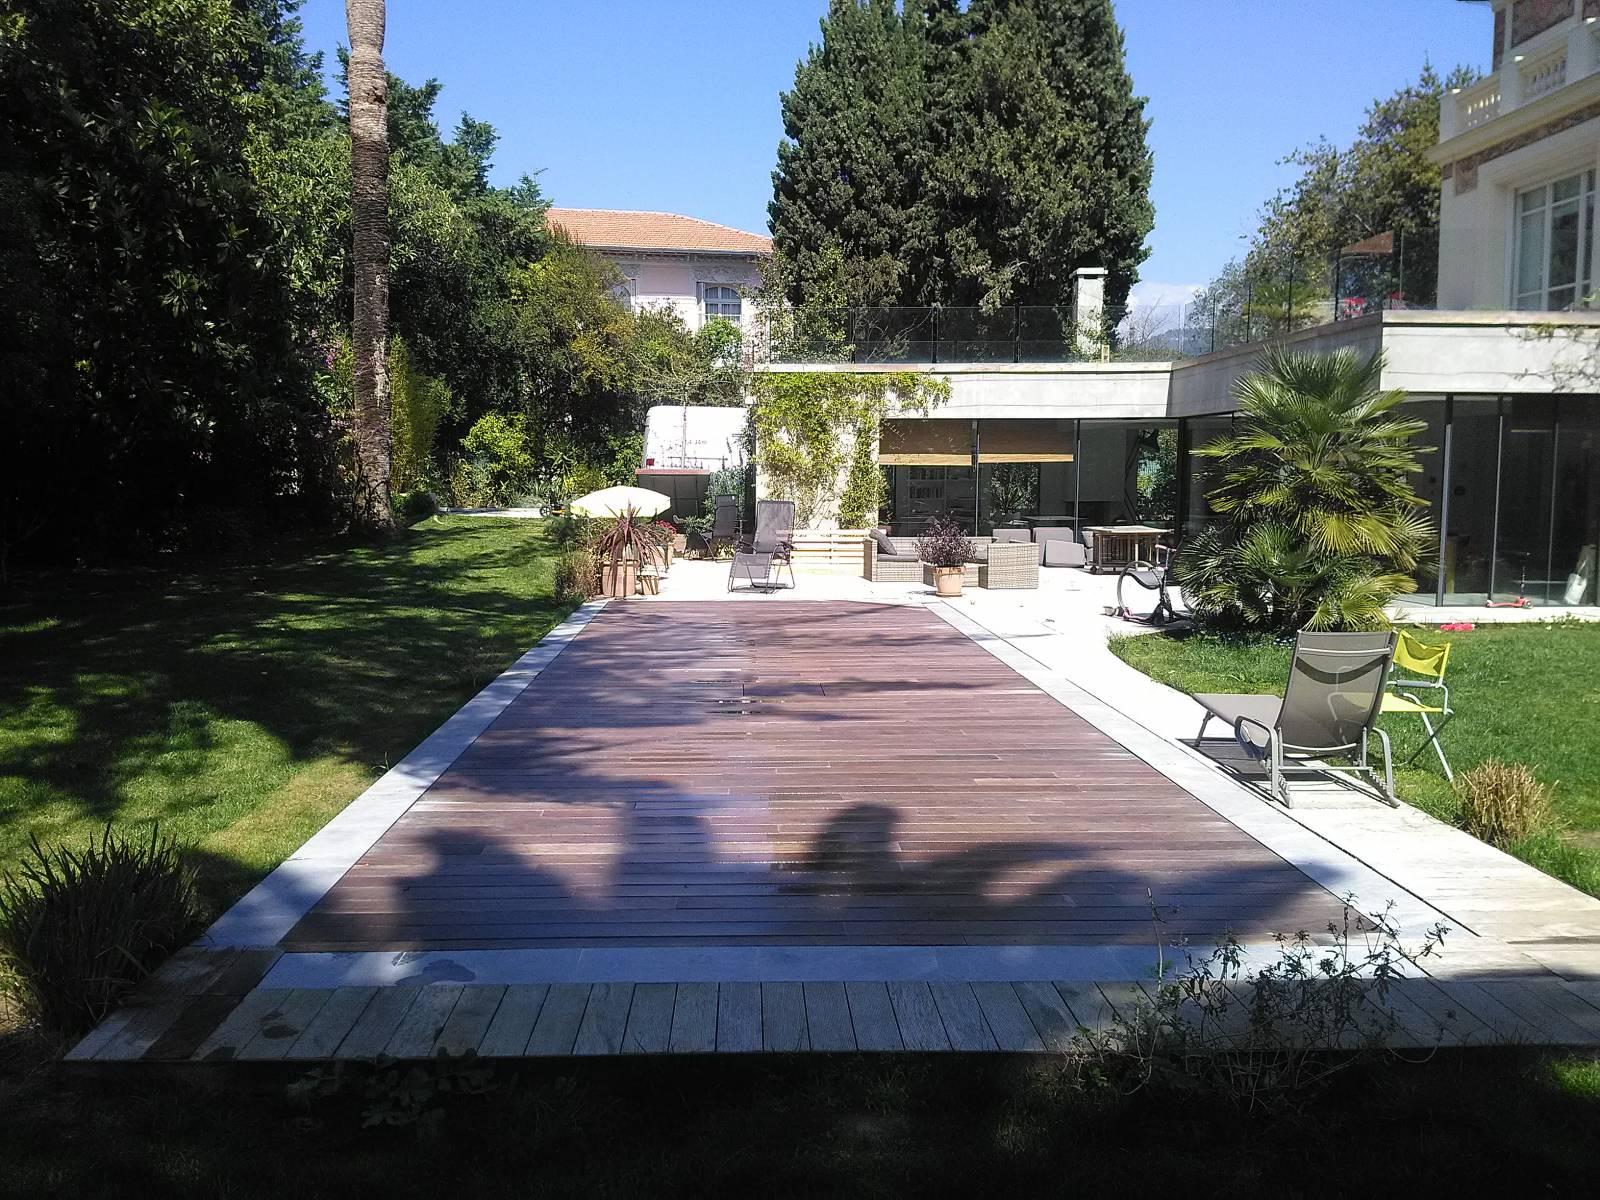 Amphibia le fond mobile de piscine dans votre jardin ou - Mobil home dans son jardin ...